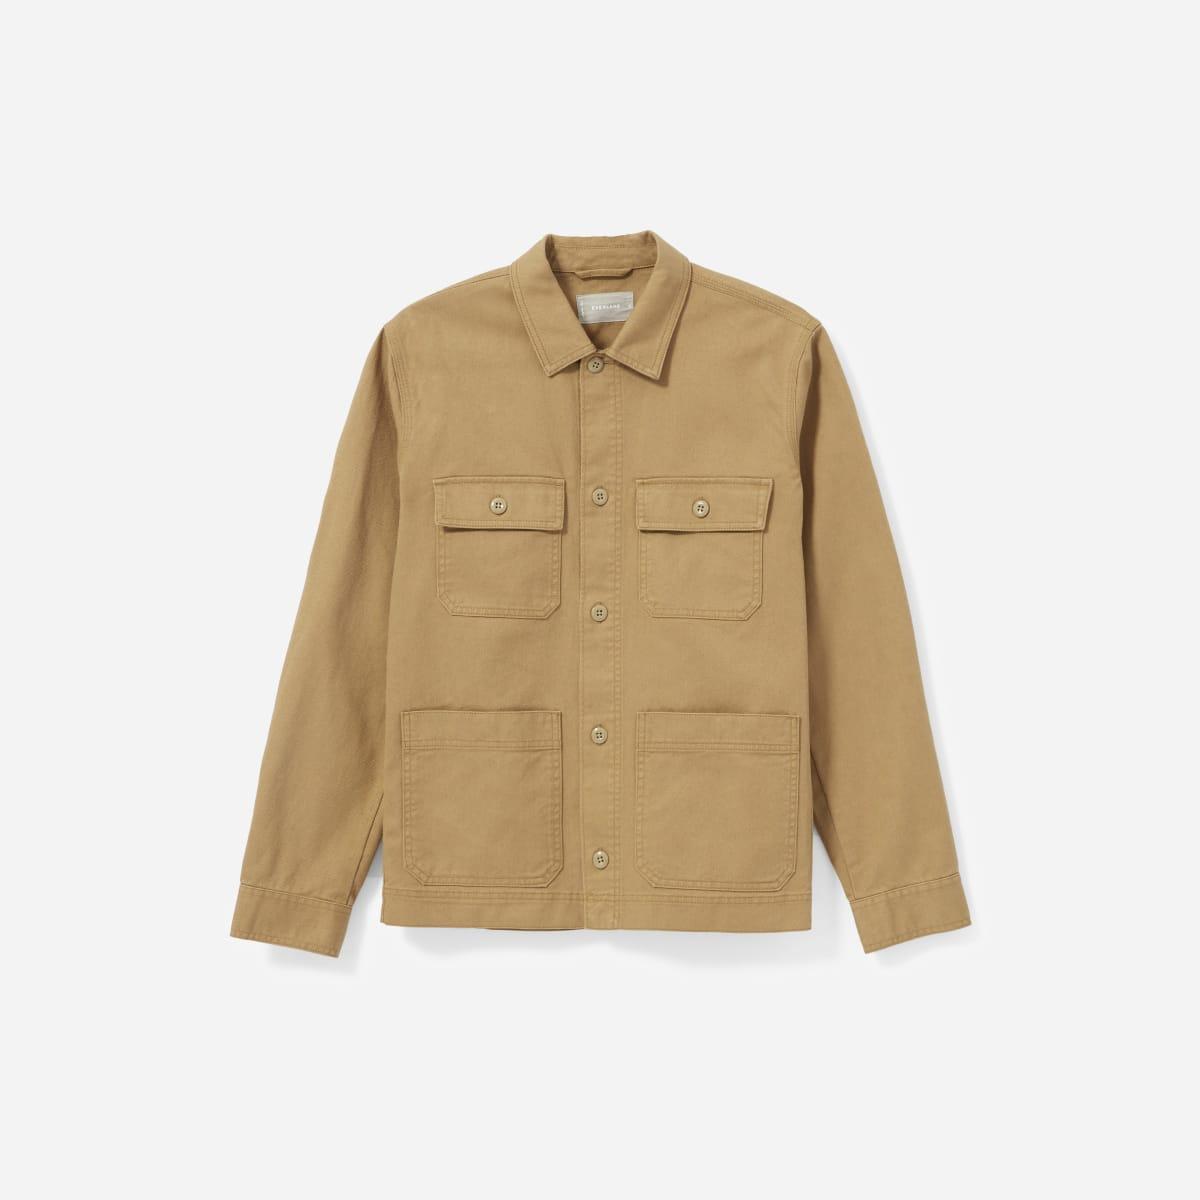 Everlane Chore Shirt Jacket